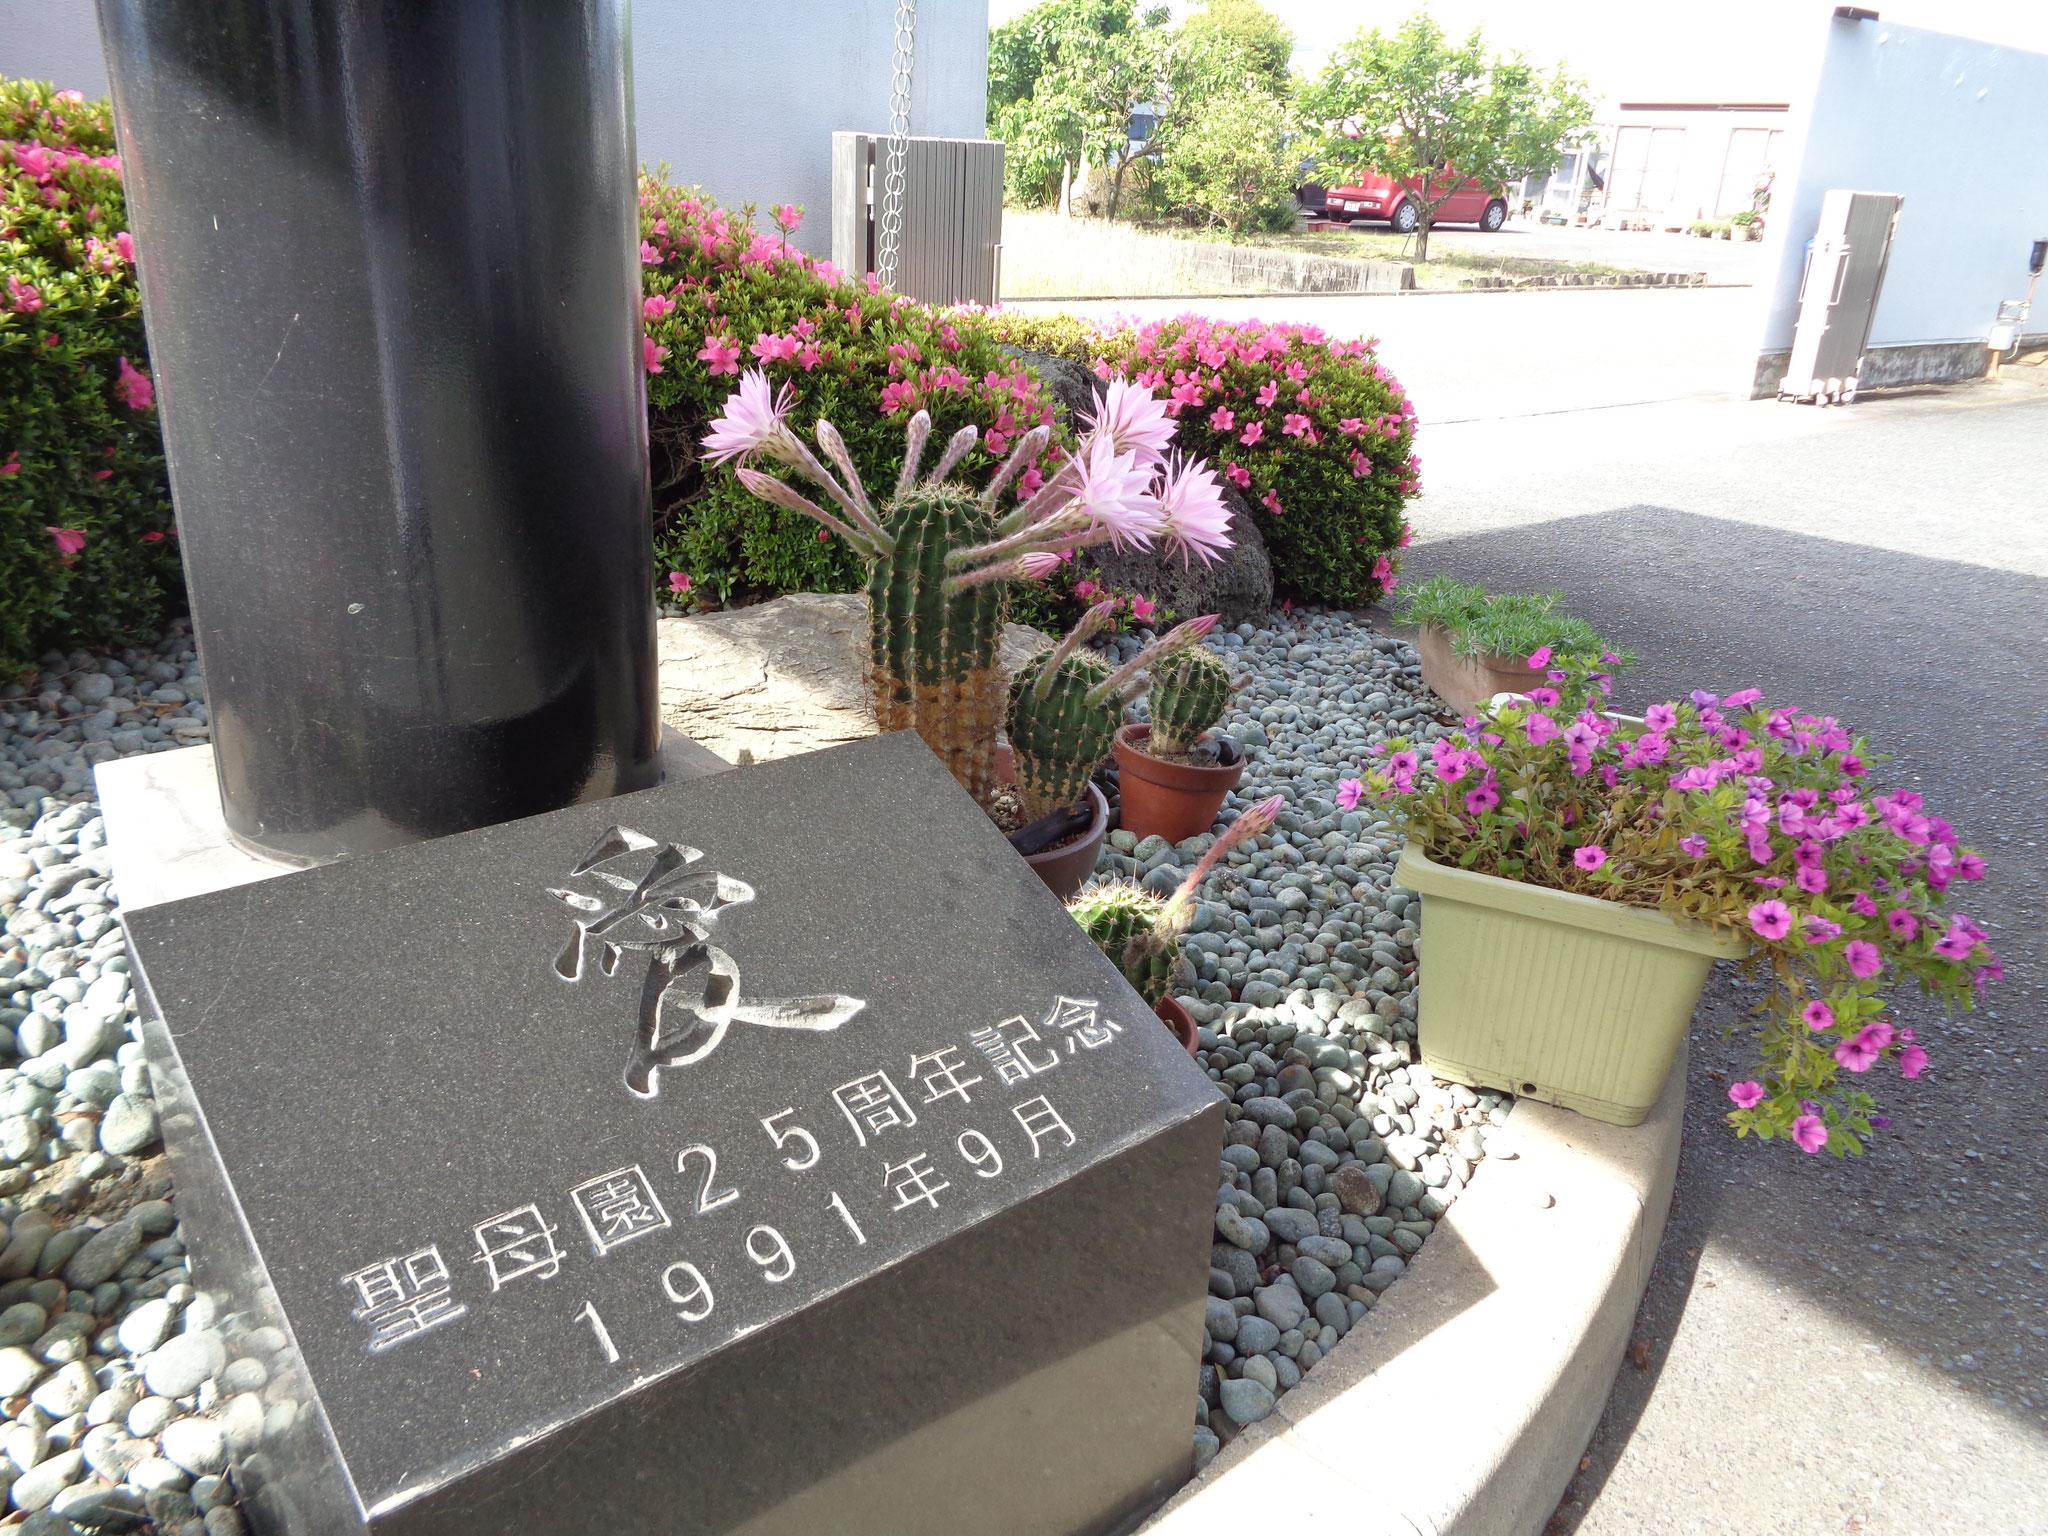 玄関前の記念碑にサボテンの花が寄り添っているようです。